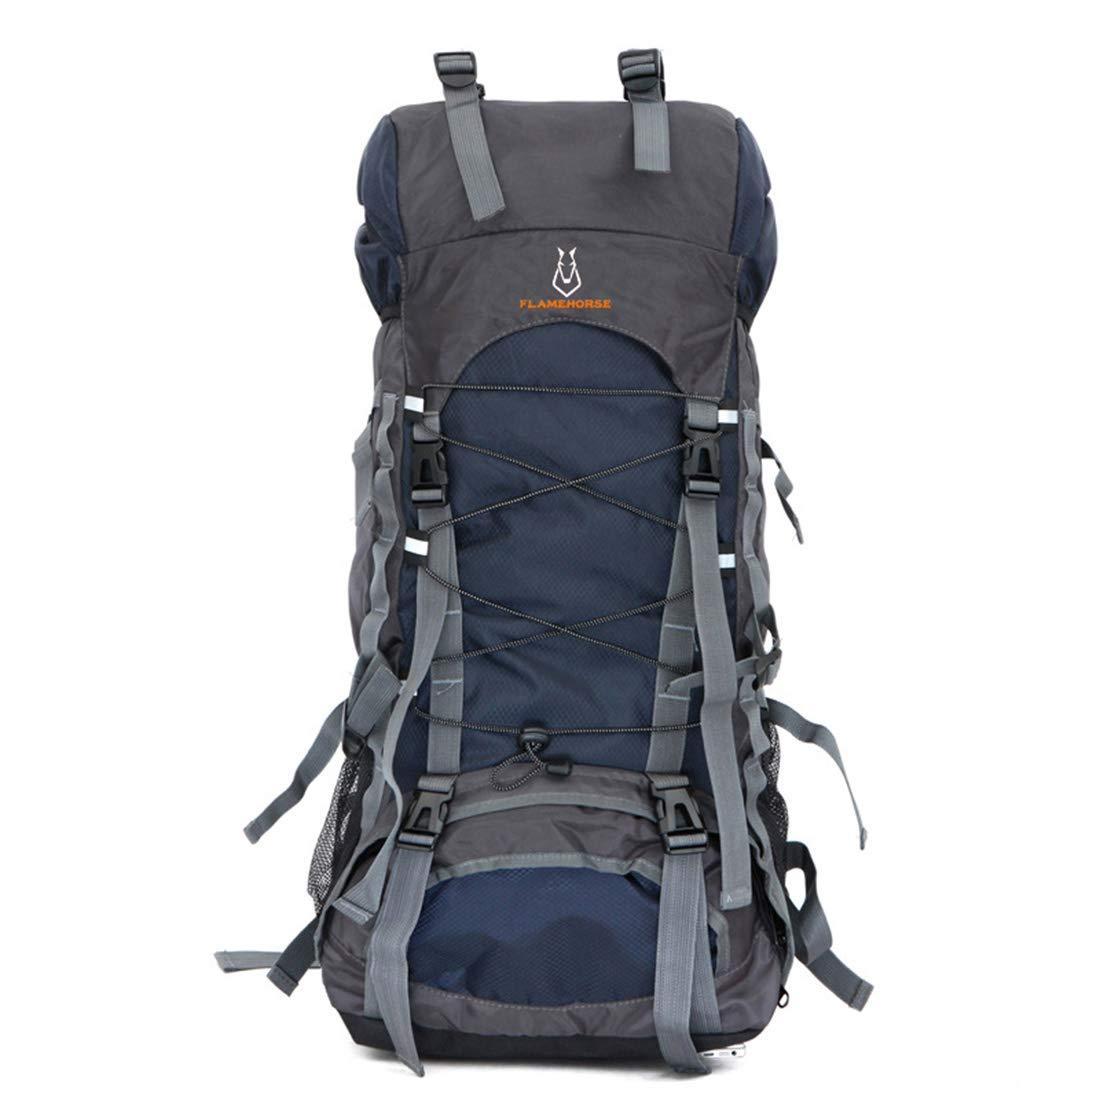 Igspfbjn Rucksäcke Outdoor High Capacity Multifunktions-wasserdichter und tragbarer Rucksack für für für das Wandern von Campingreisen (Farbe   Dark Blau) B07N2QV2CZ Schultertaschen 24e13a